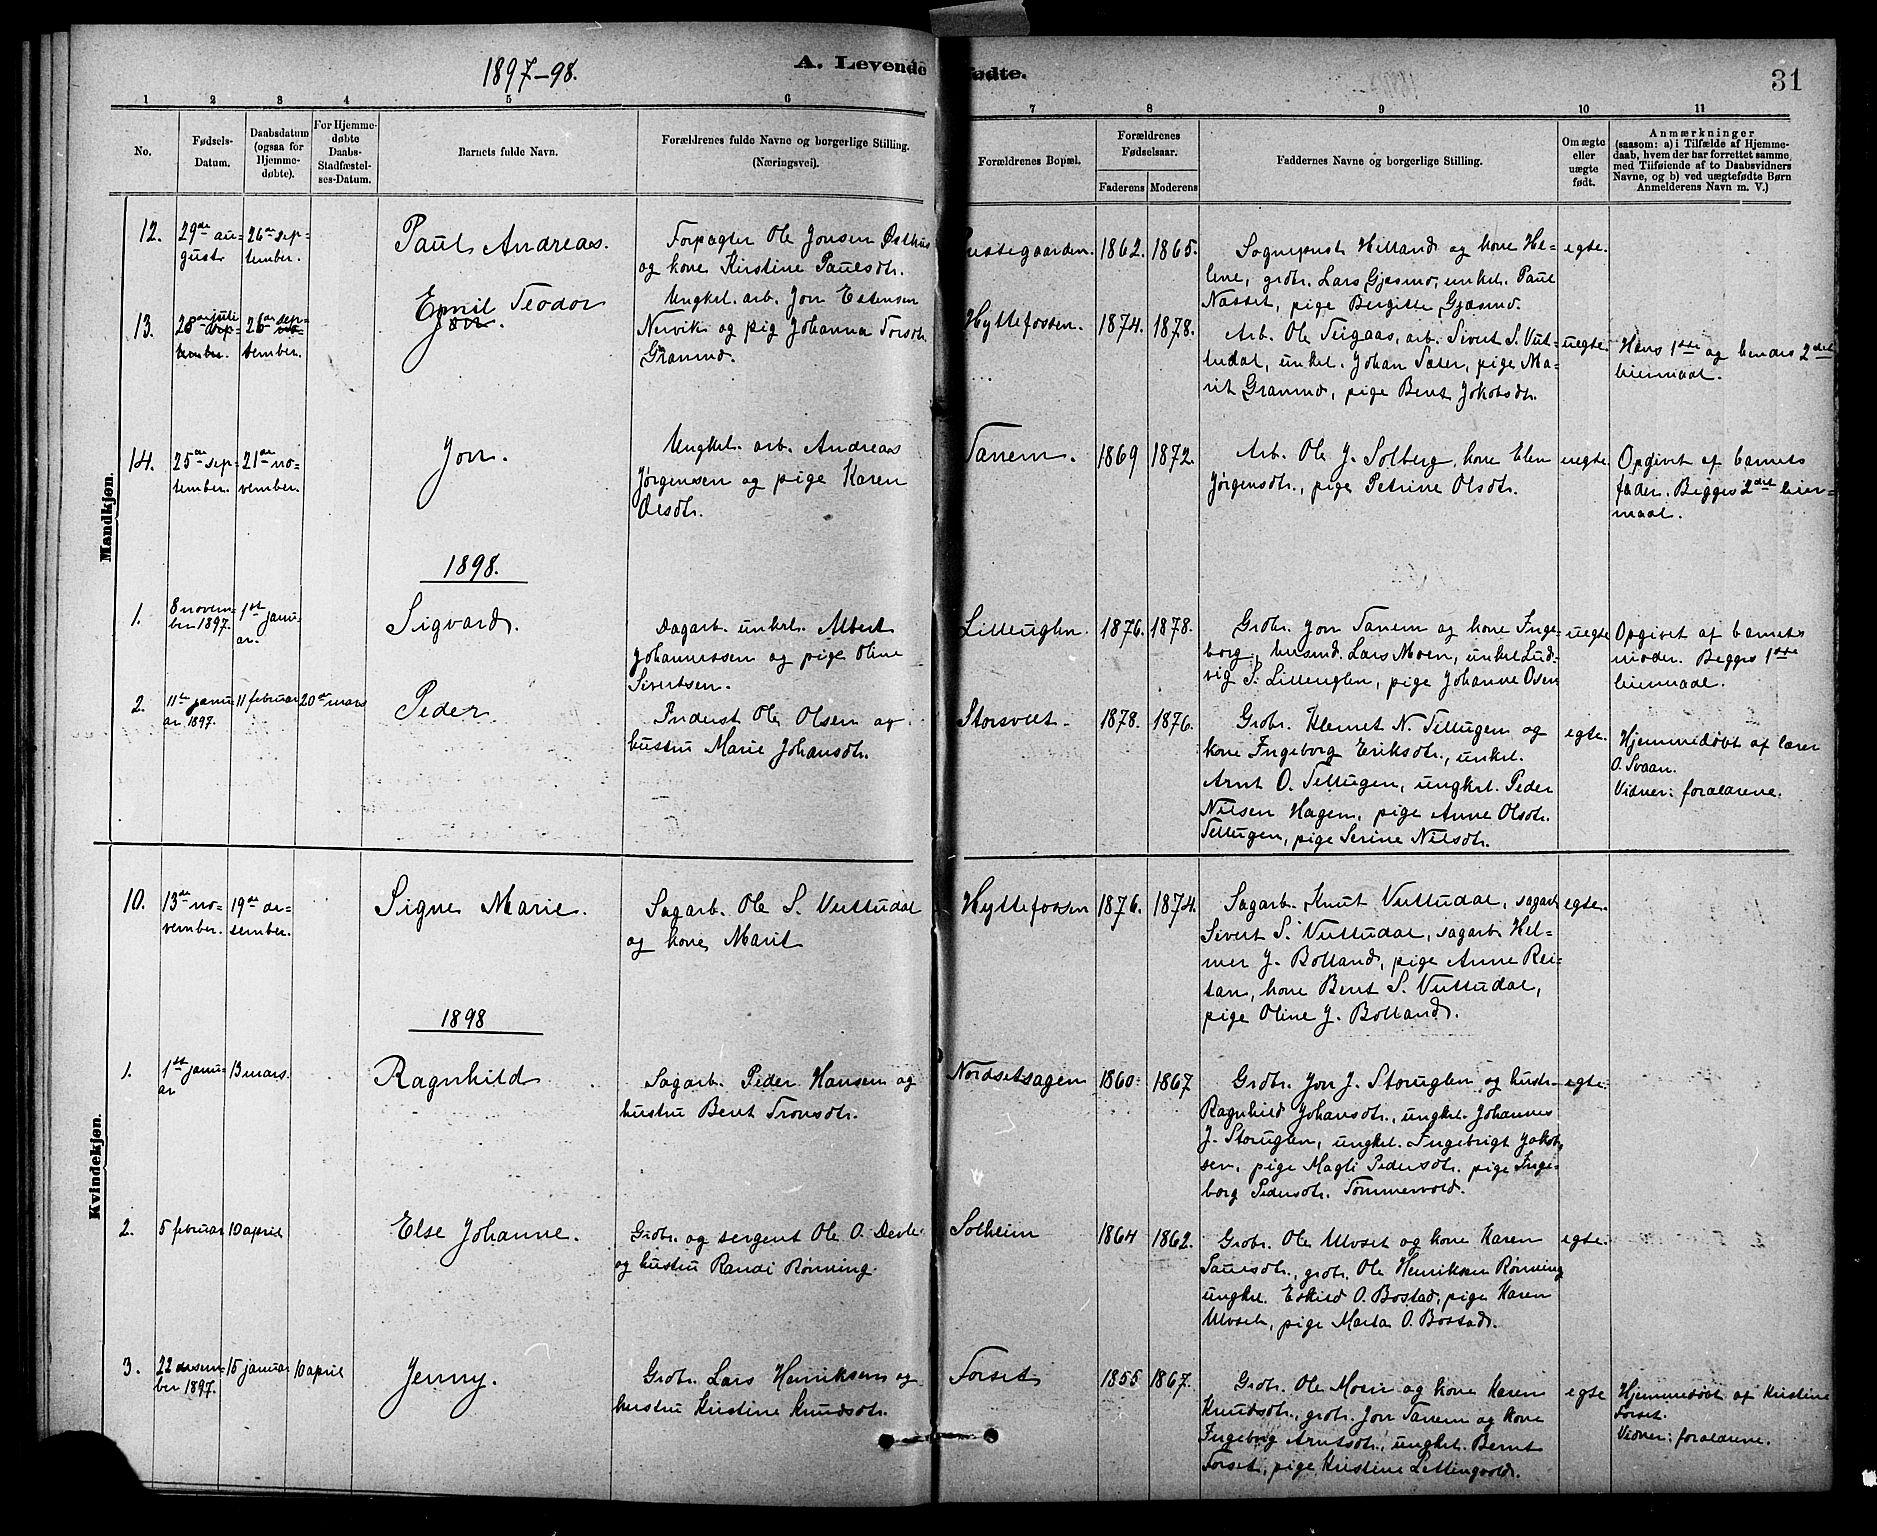 SAT, Ministerialprotokoller, klokkerbøker og fødselsregistre - Sør-Trøndelag, 618/L0452: Klokkerbok nr. 618C03, 1884-1906, s. 31